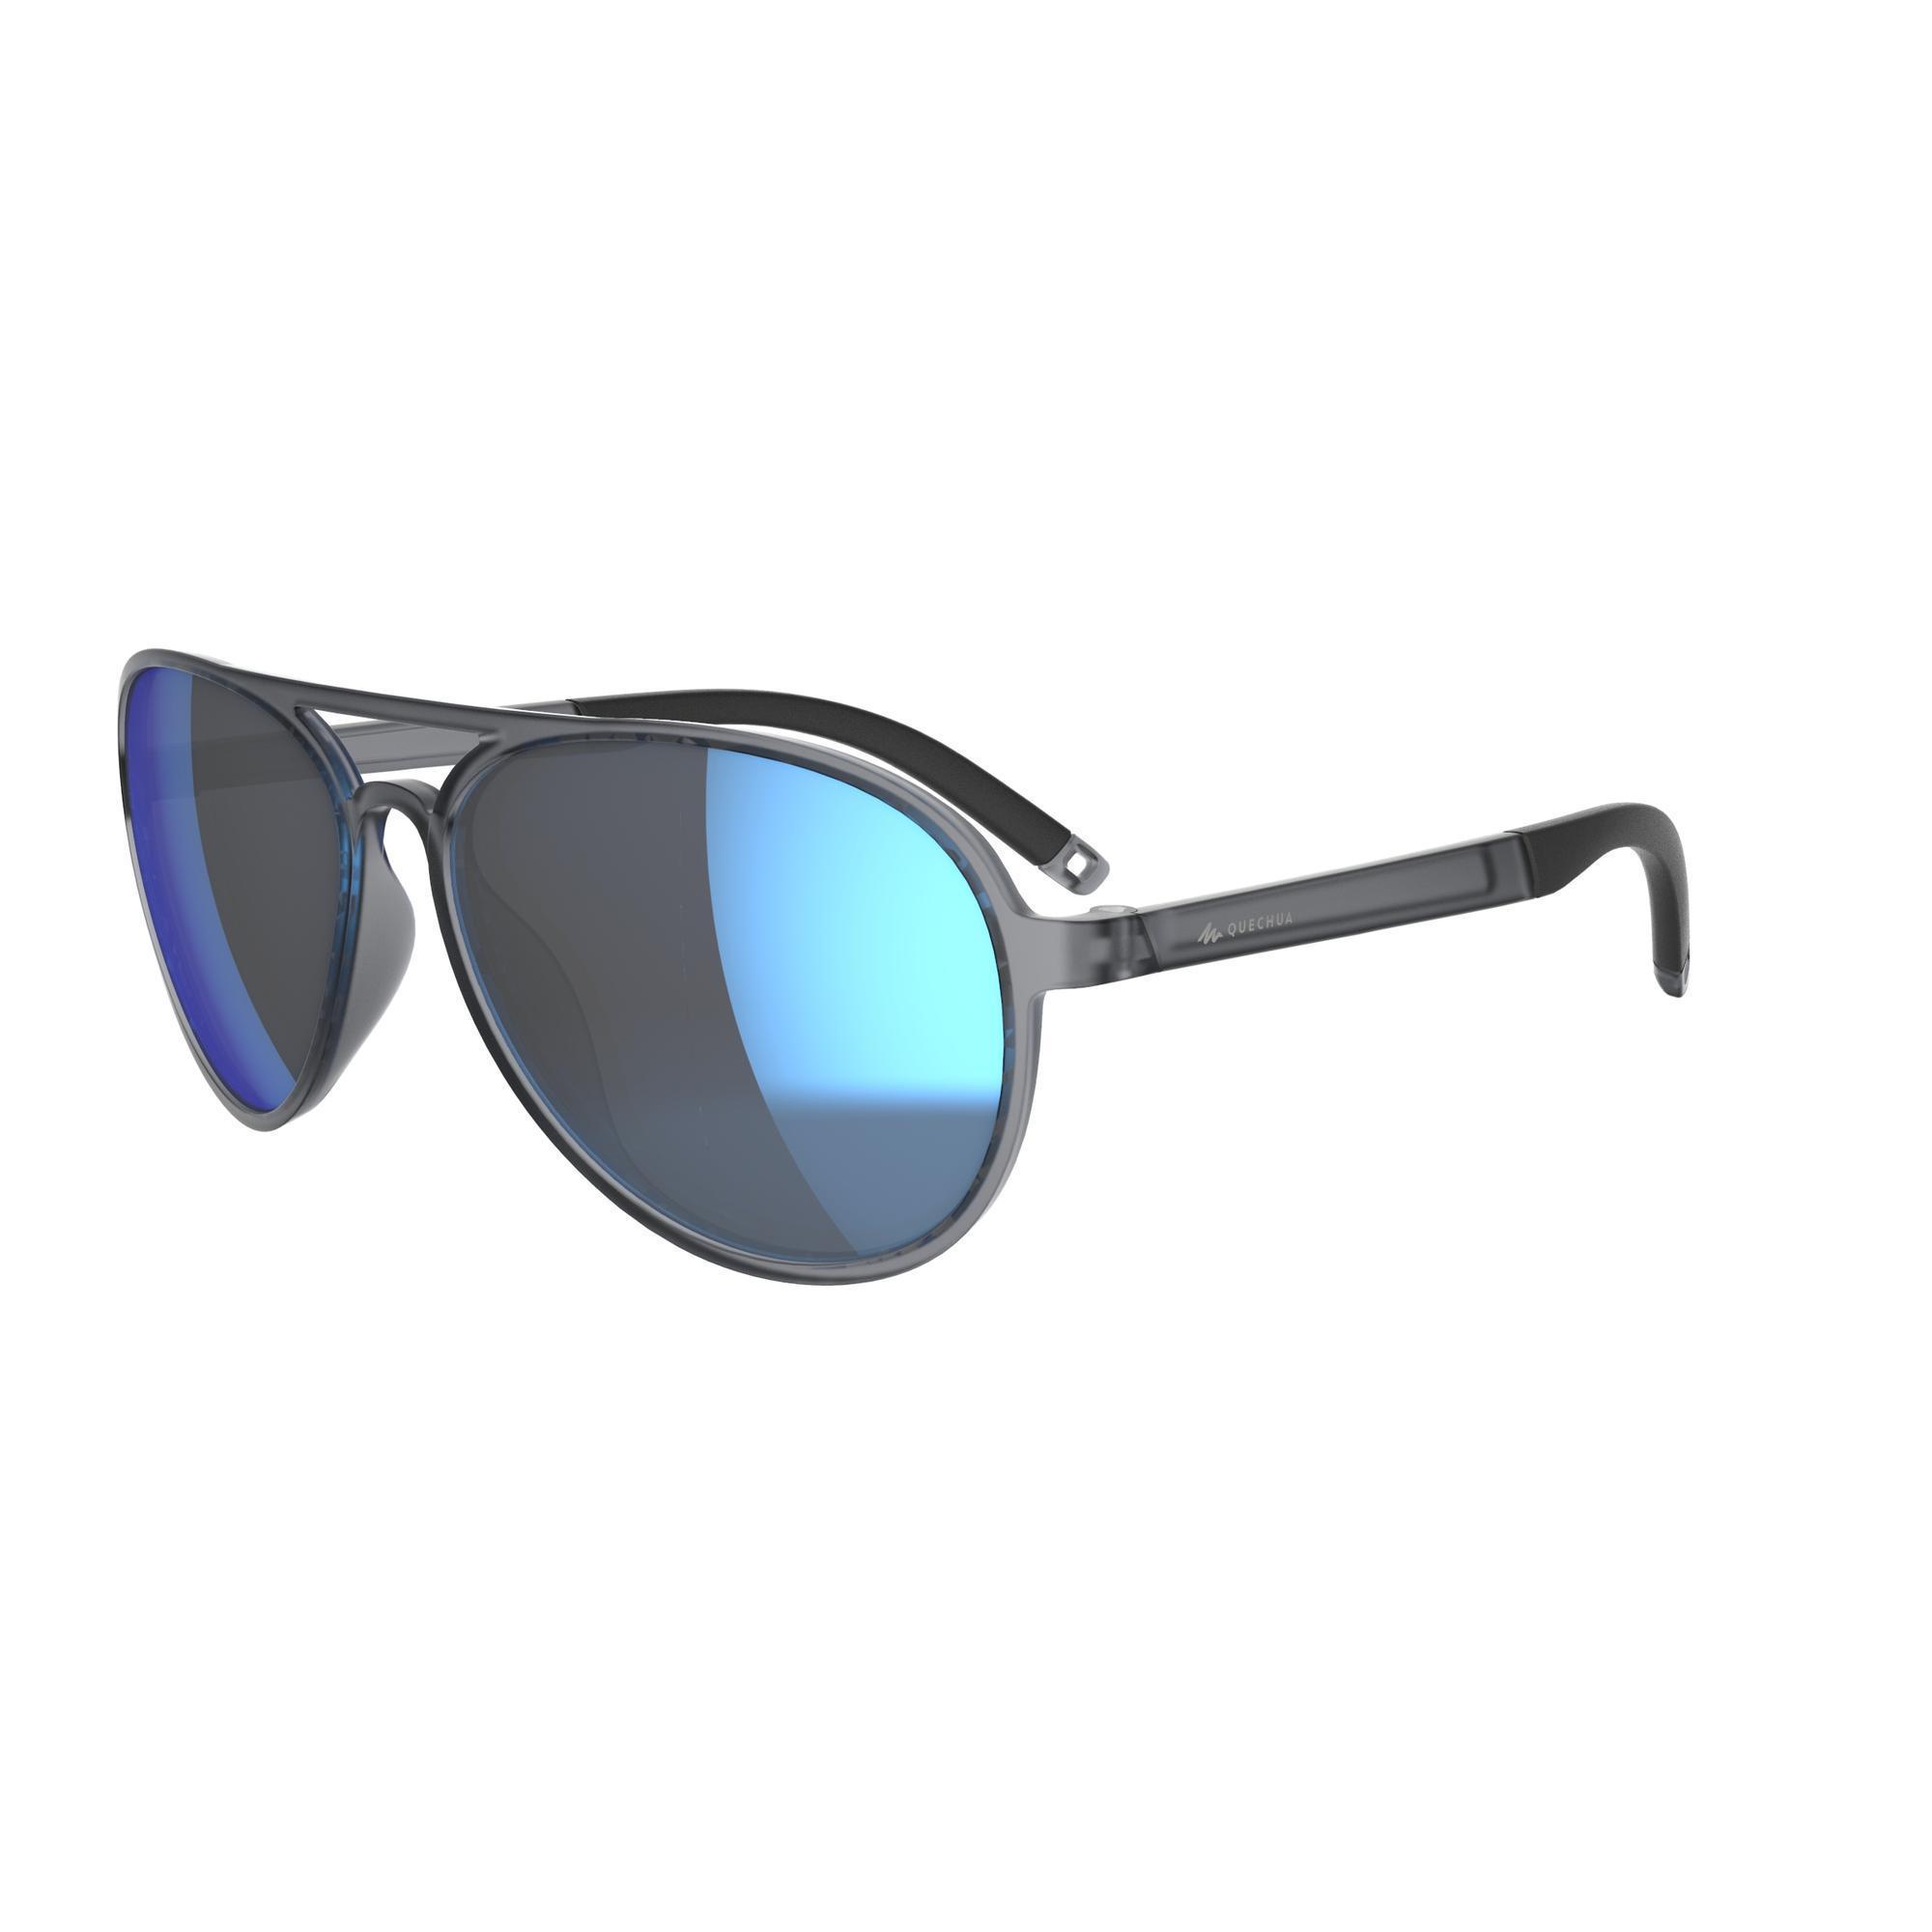 Quechua Wandelzonnebril MH120A categorie 3 kopen? Sport>Sportbrillen>Zonnebrillen met voordeel vind je hier